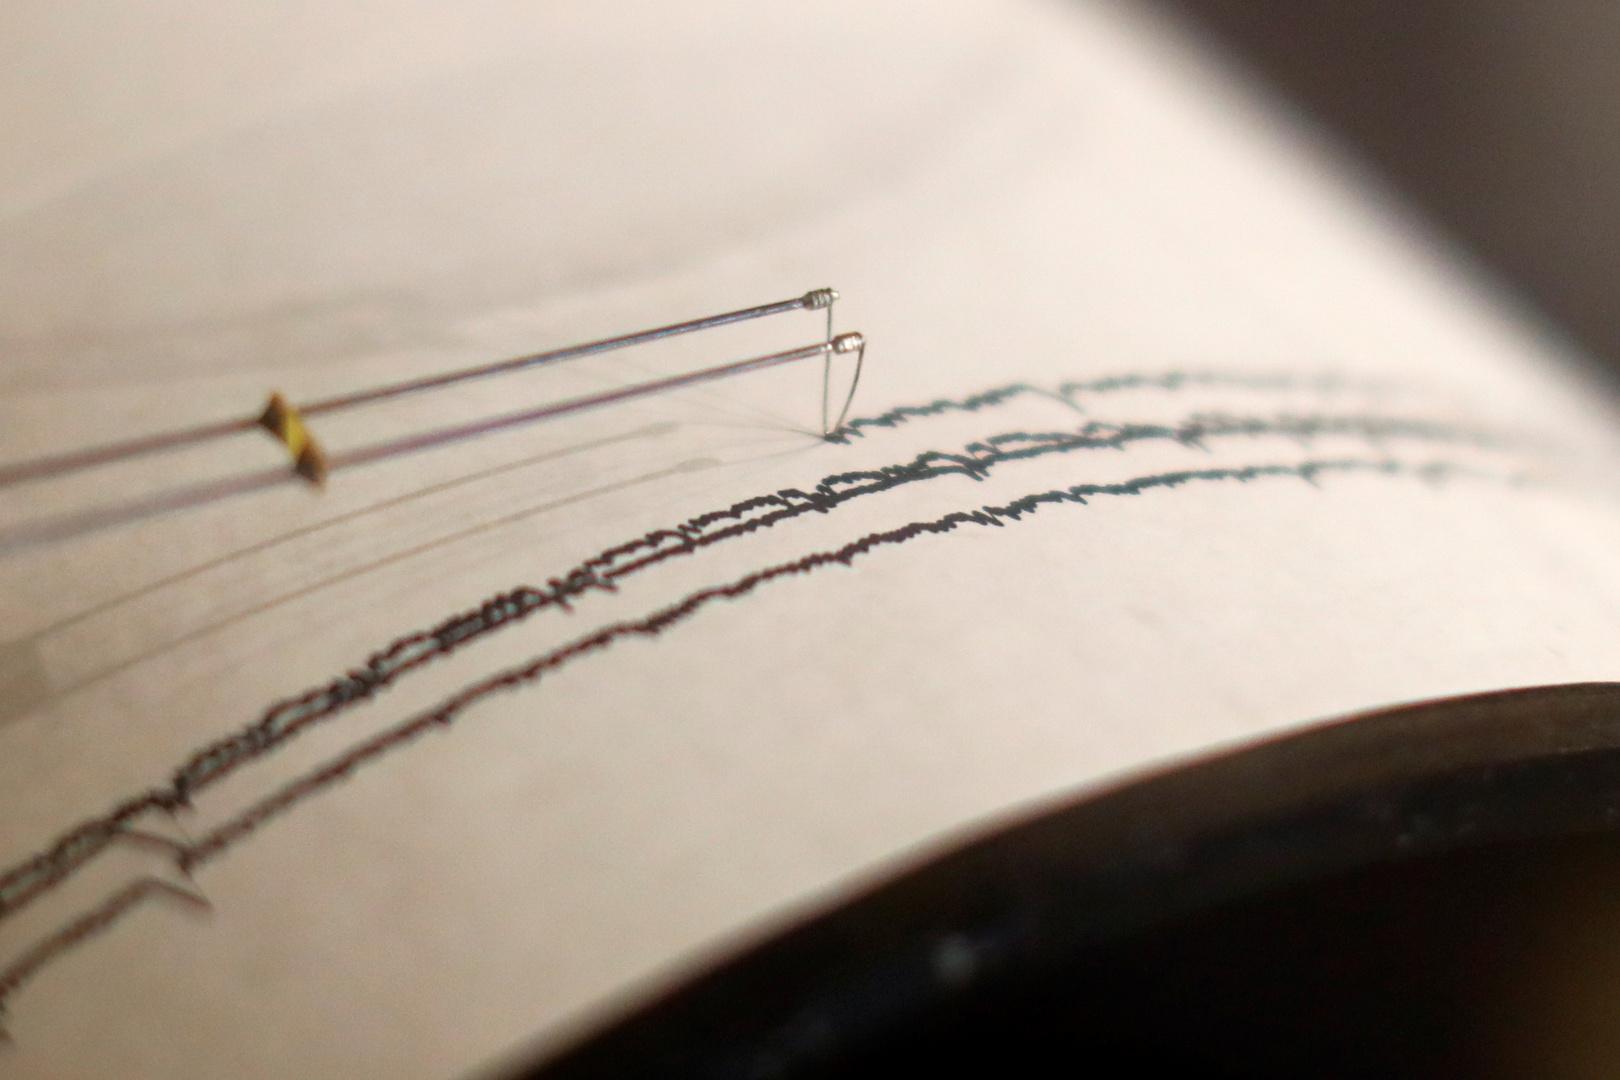 زلزال بقوة 5.1 درجة قبالة الساحل الغربي الأمريكي